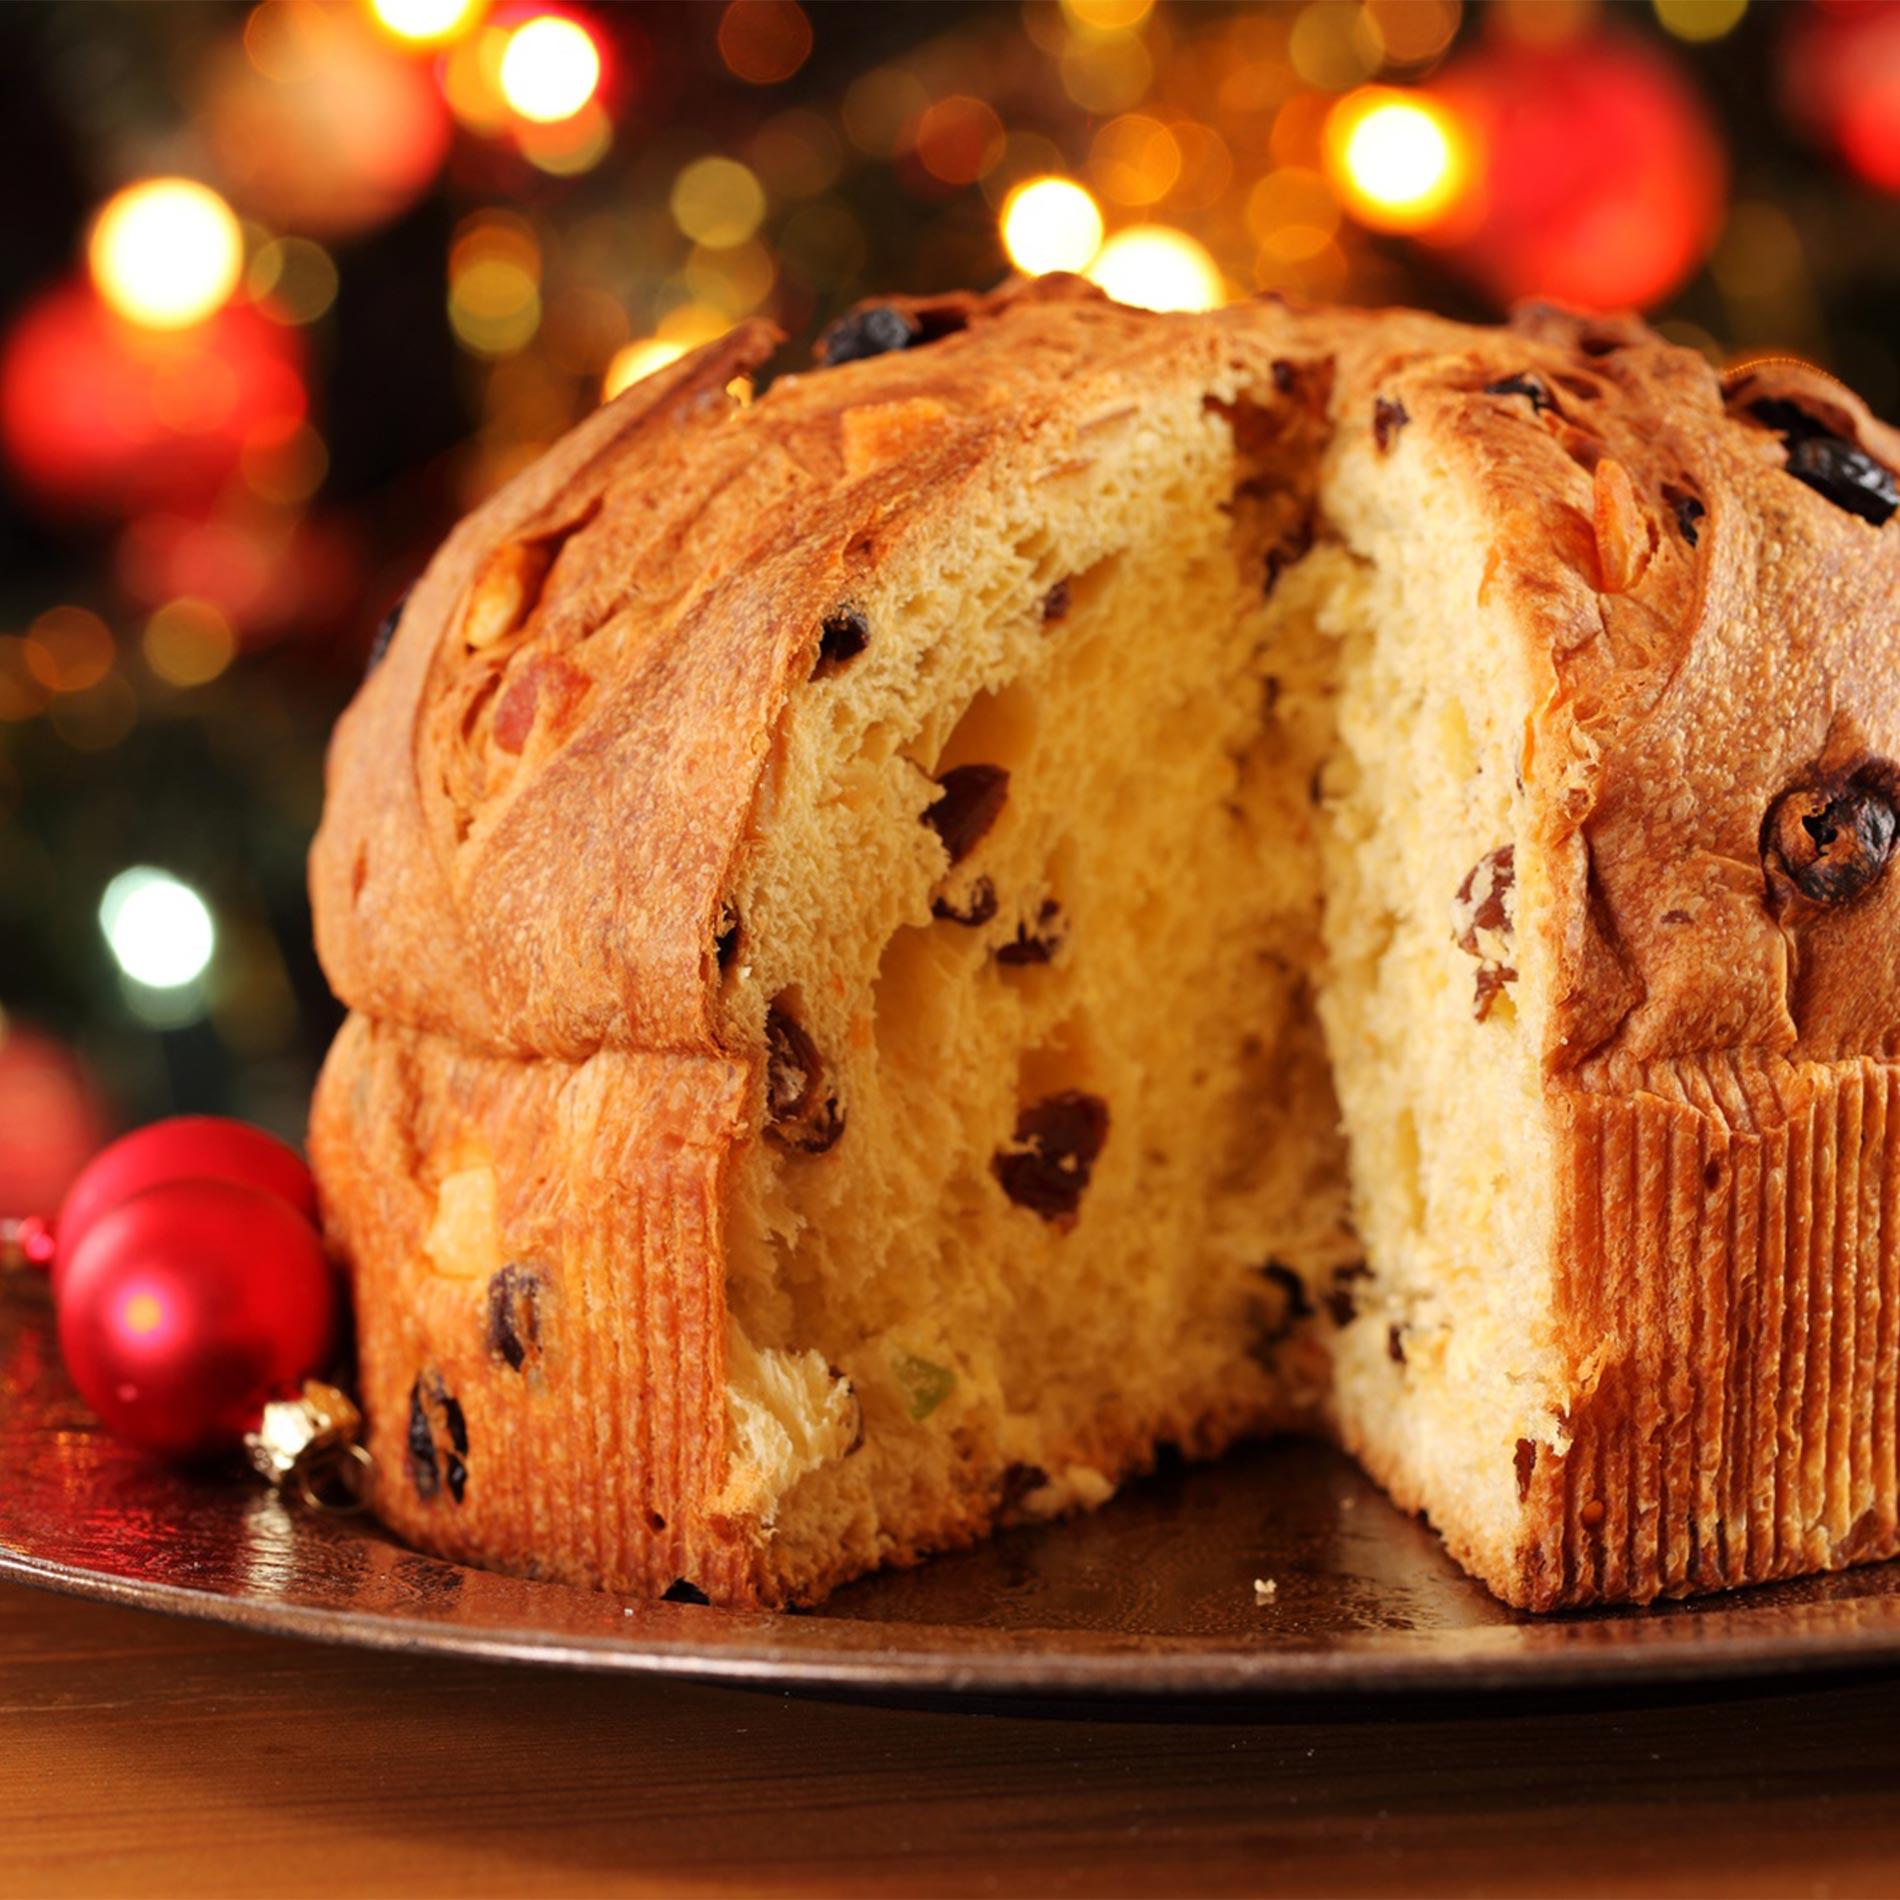 Italienisches Weihnachtsgebäck – Torrone, Pannetone und Co.